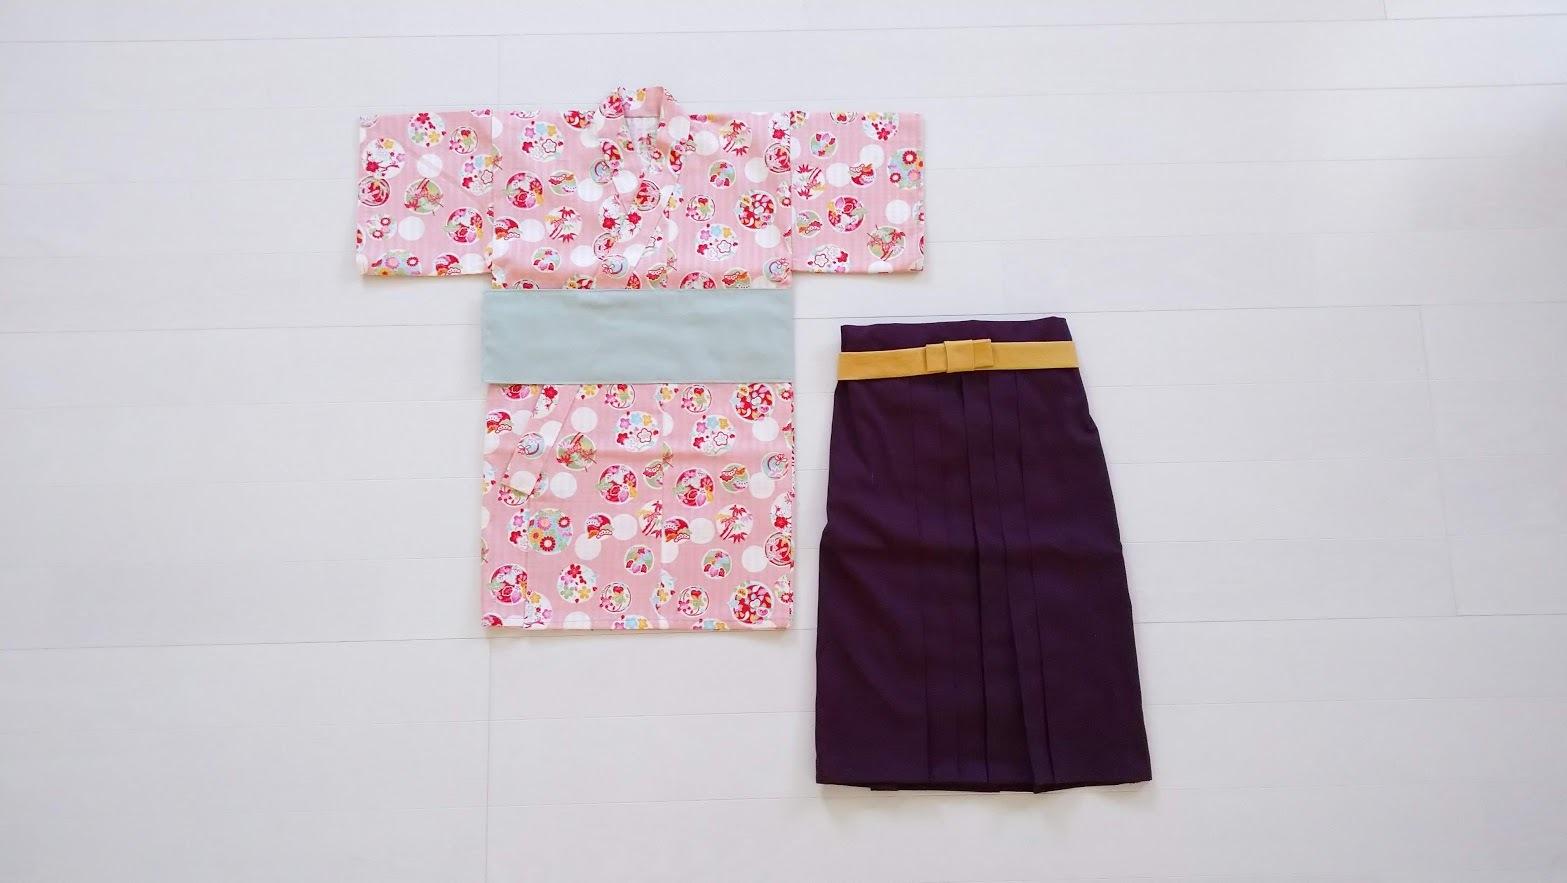 ファースト着物と袴のセット(水玉花紋)